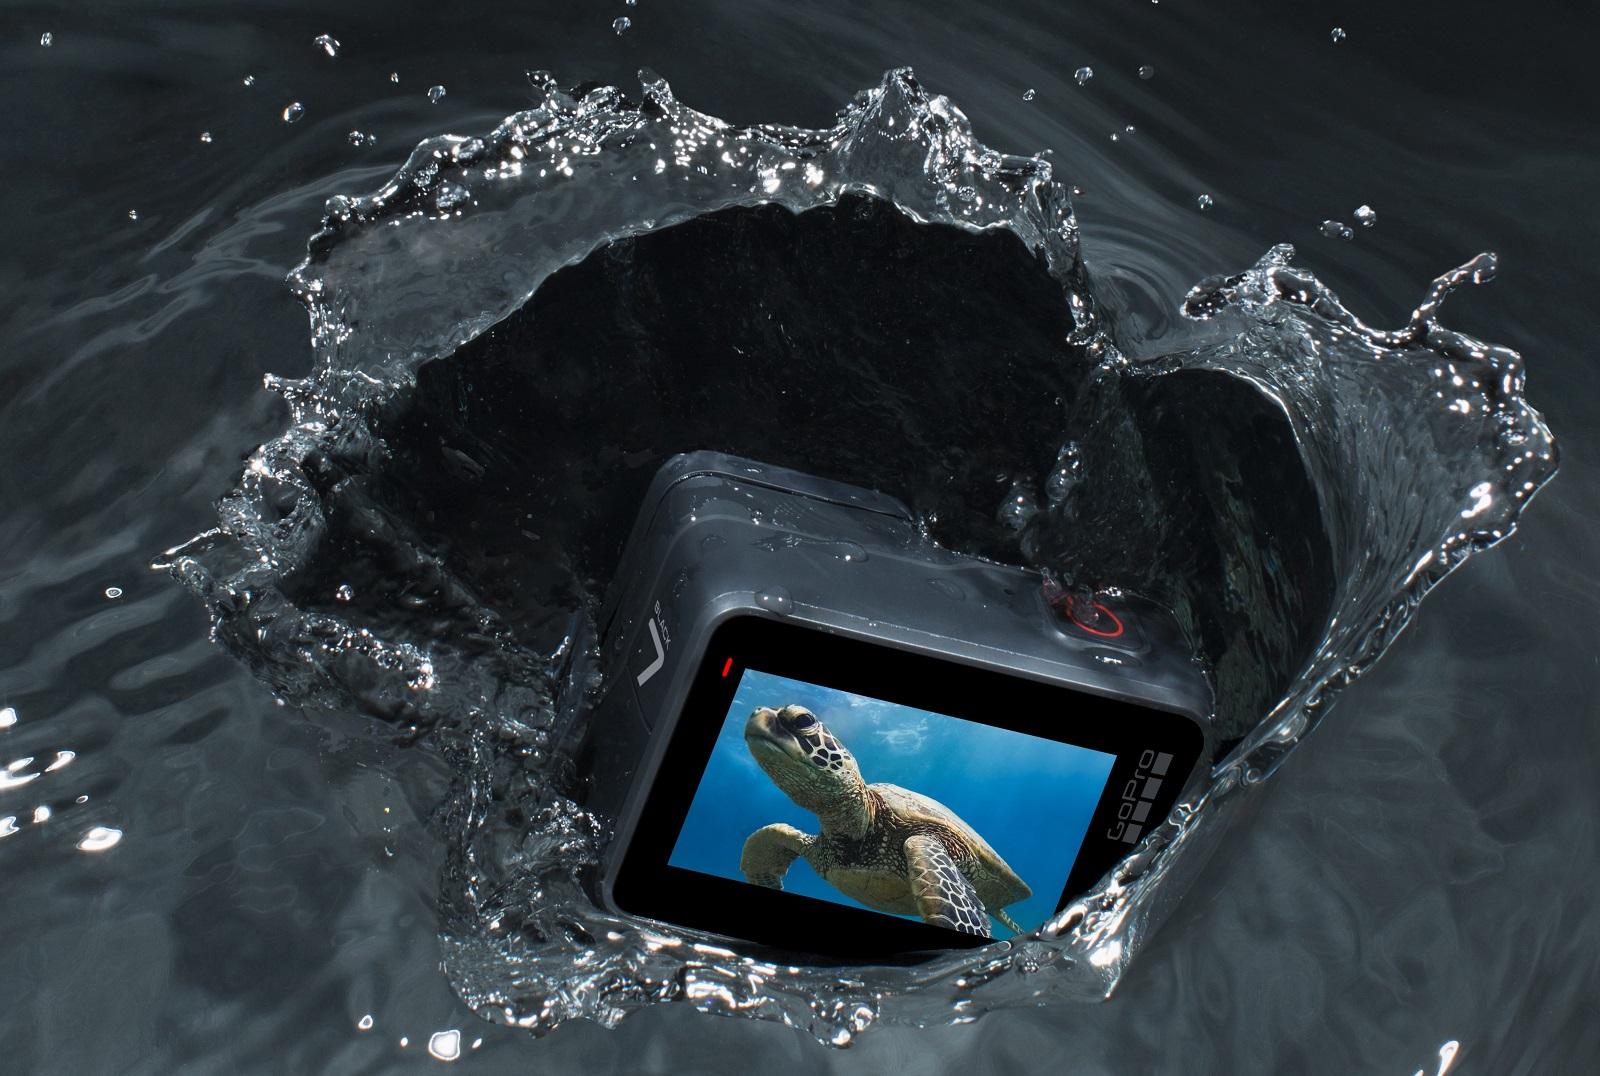 Защита от воды в GoPro Hero 7 Black Edition